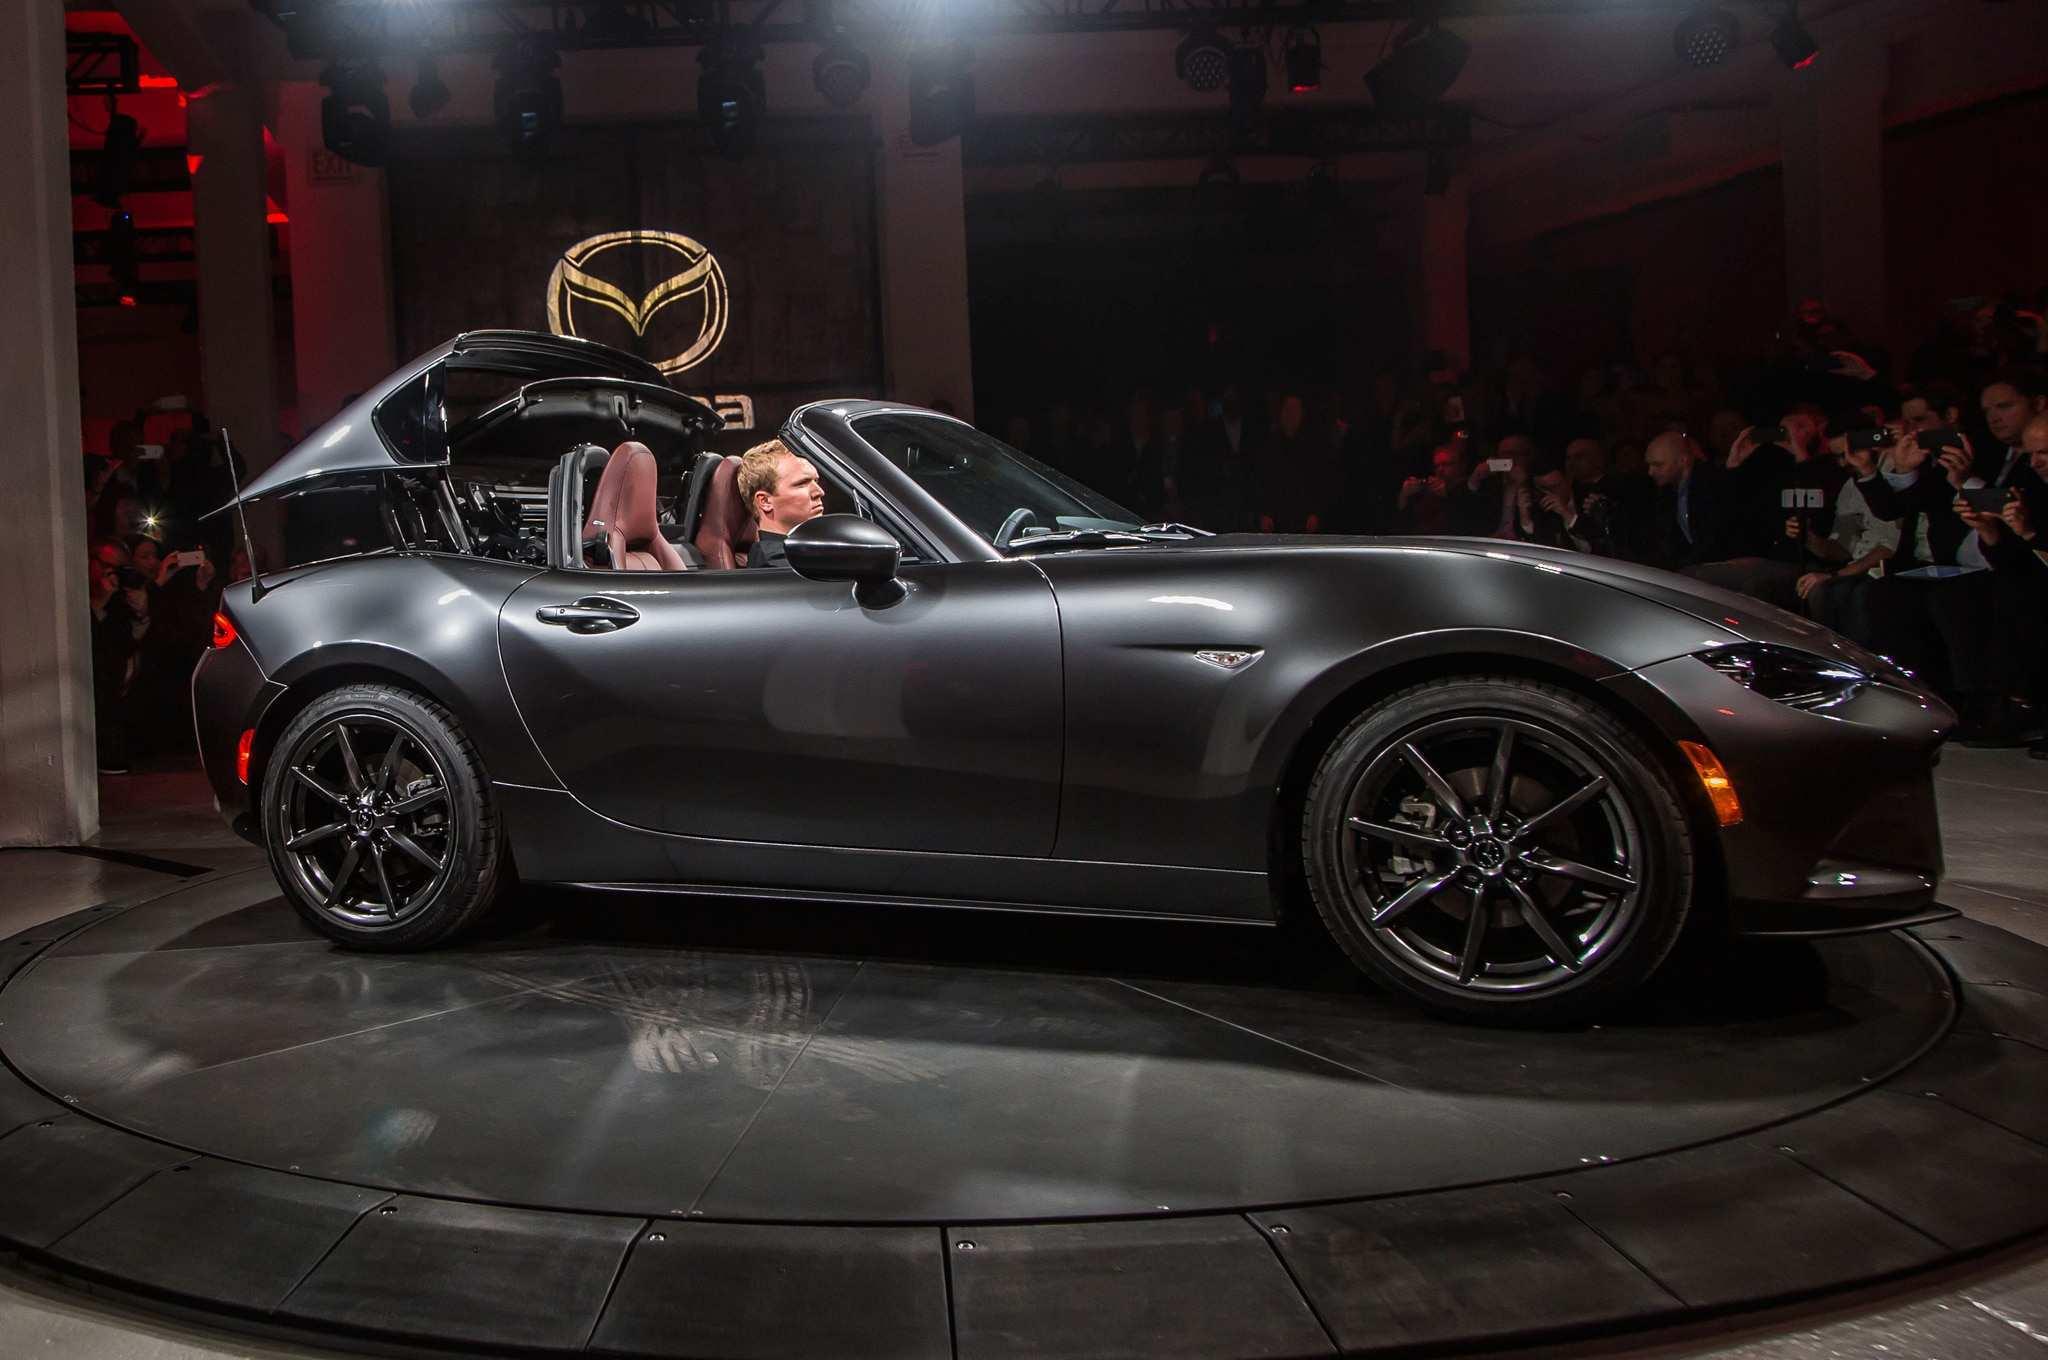 19 Concept of Mazda Mx 5 Rf 2020 Interior by Mazda Mx 5 Rf 2020